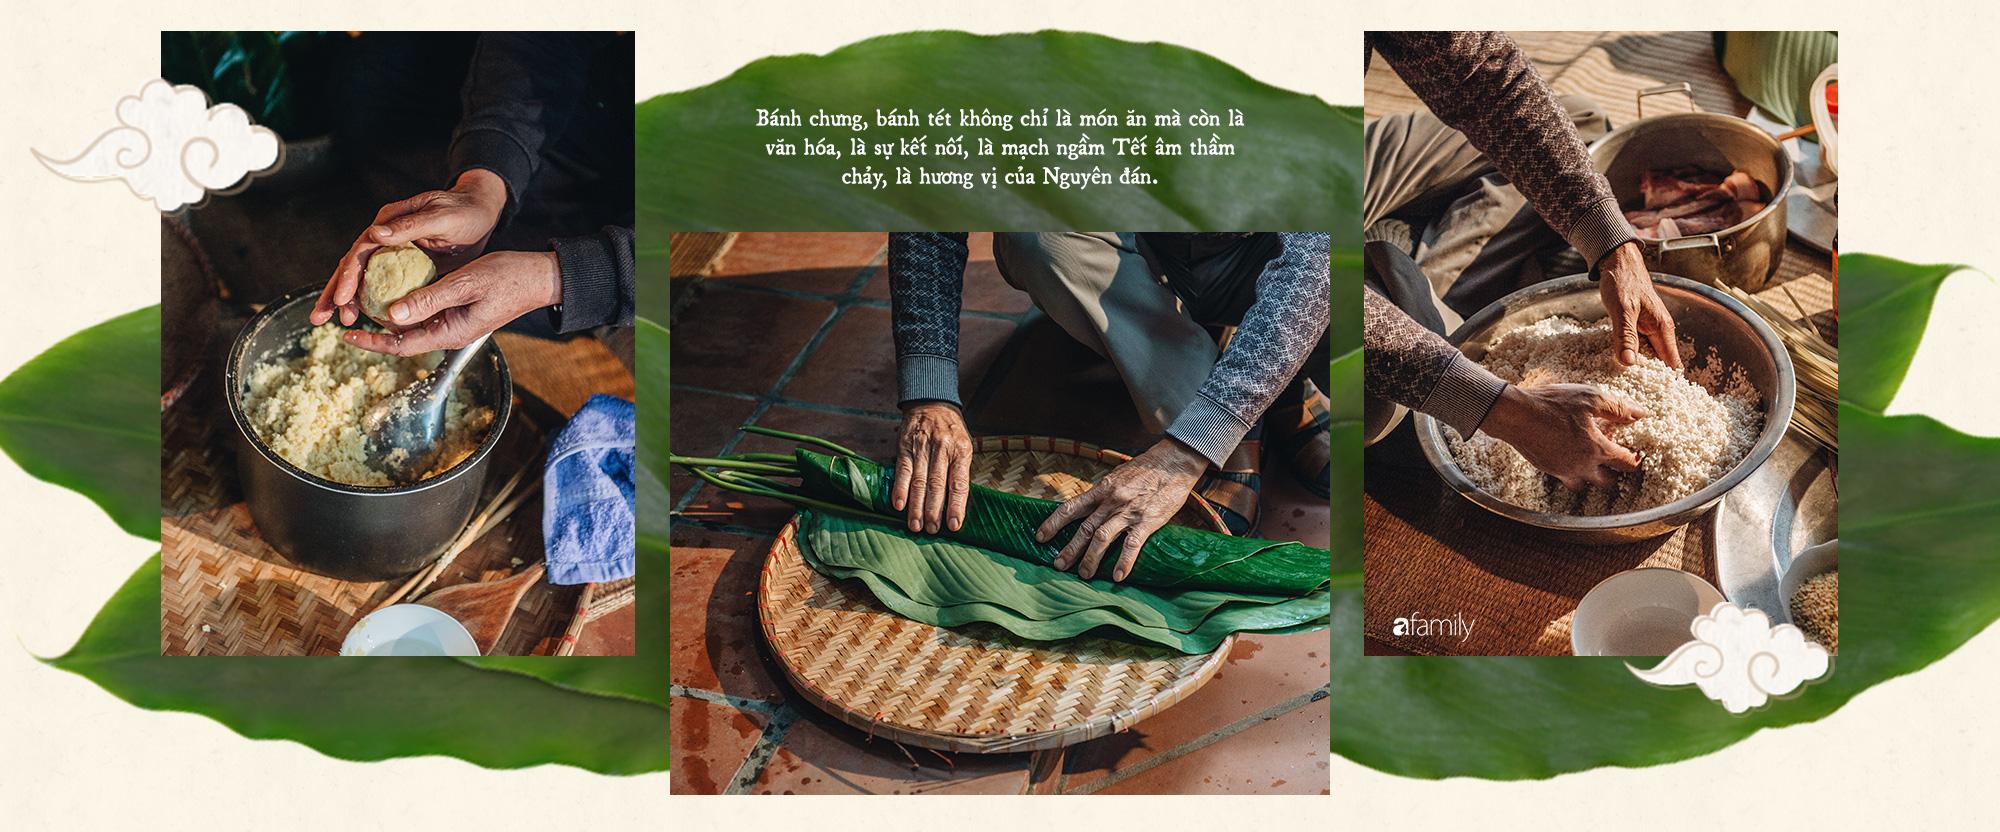 Bánh chưng, bánh tét - tinh hoa nghìn năm lúa nước trên bàn thờ Việt và những biến thể duyên dáng thời hiện đại - Ảnh 7.